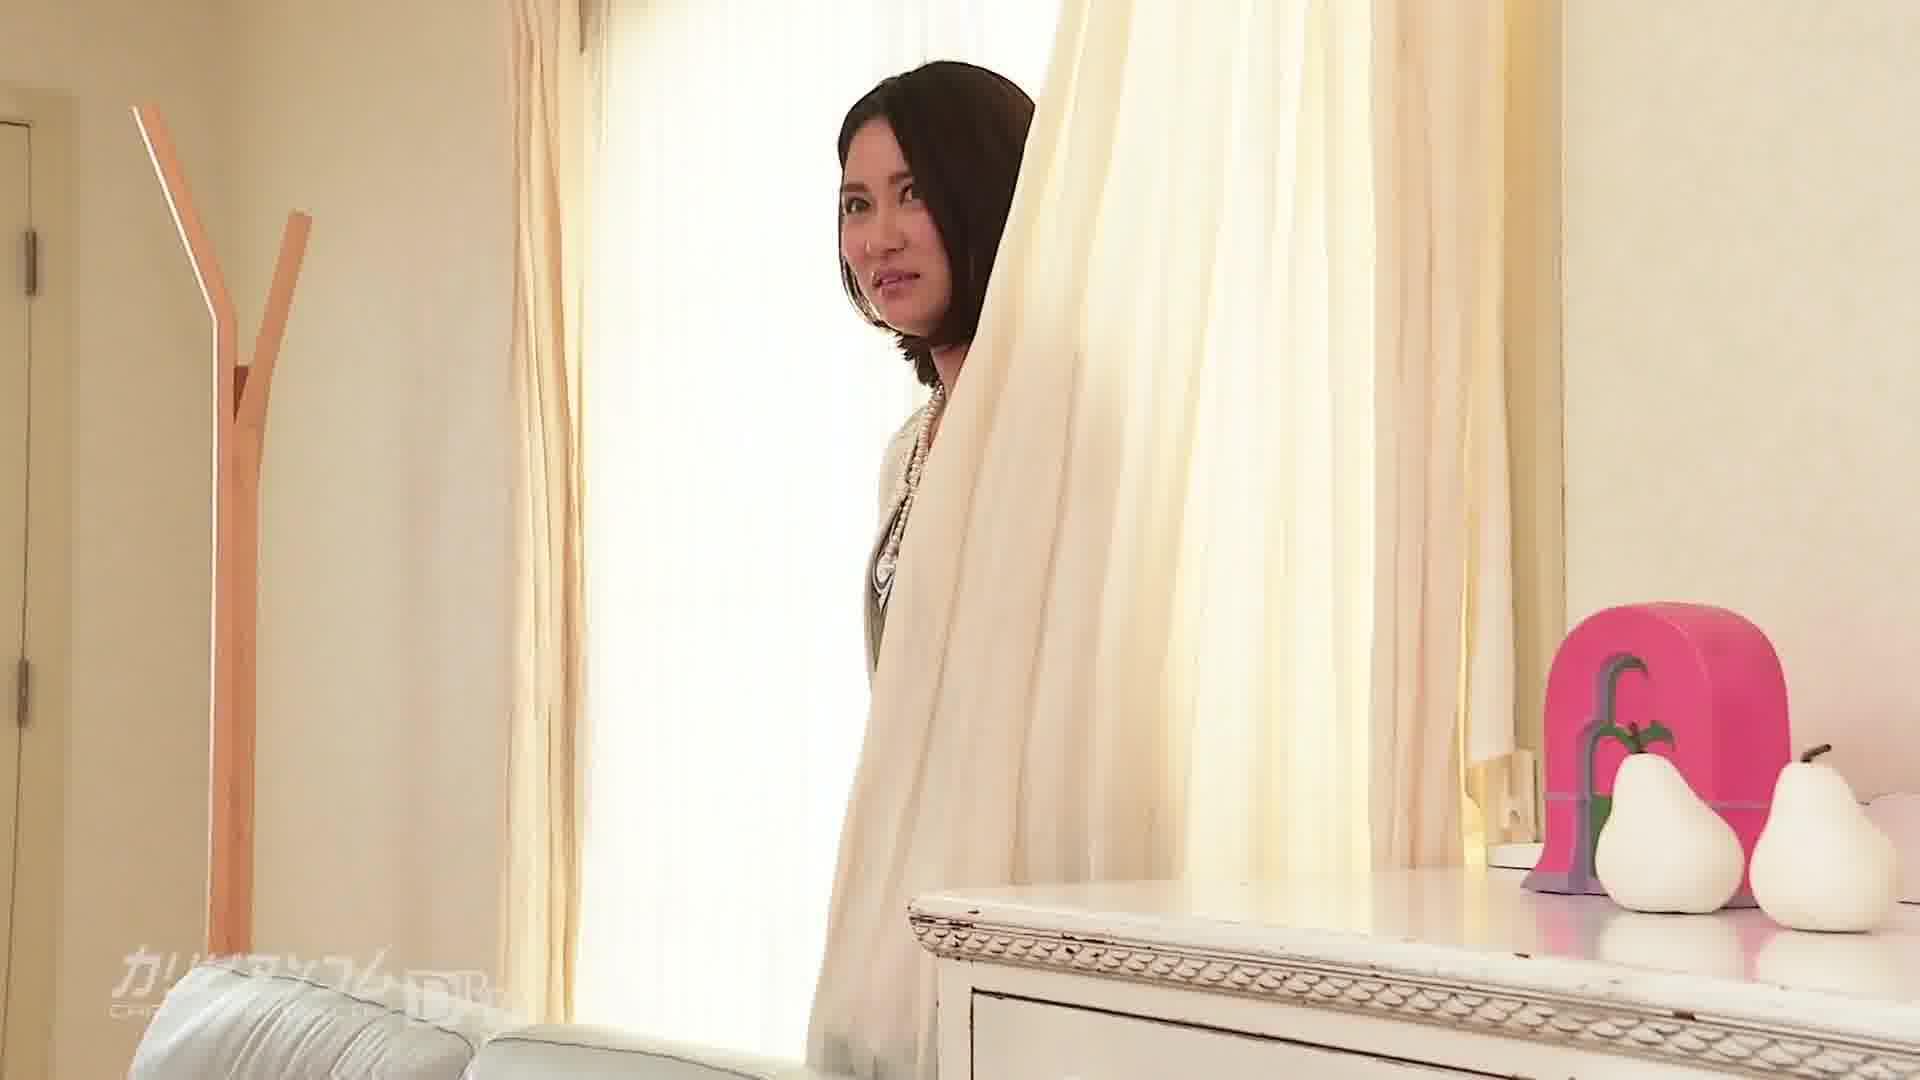 アメリさんちに遊びに行こう!~元芸能人のソファでびしょ濡れSEX~ - 越川アメリ【バイブ・美乳・潮吹き】